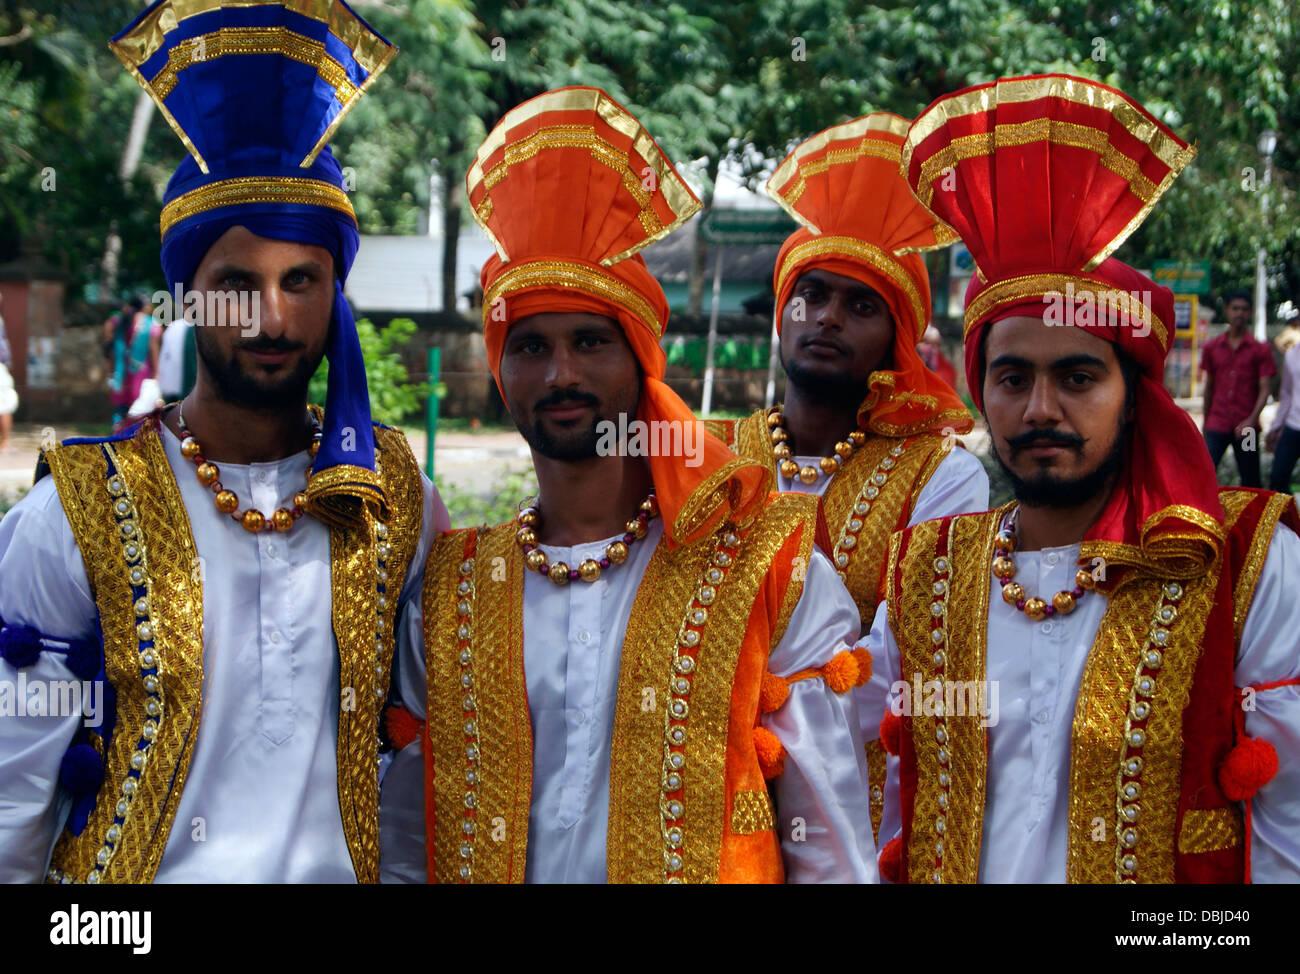 Punjabi traditional men Dress wearing India Stock Photo ...